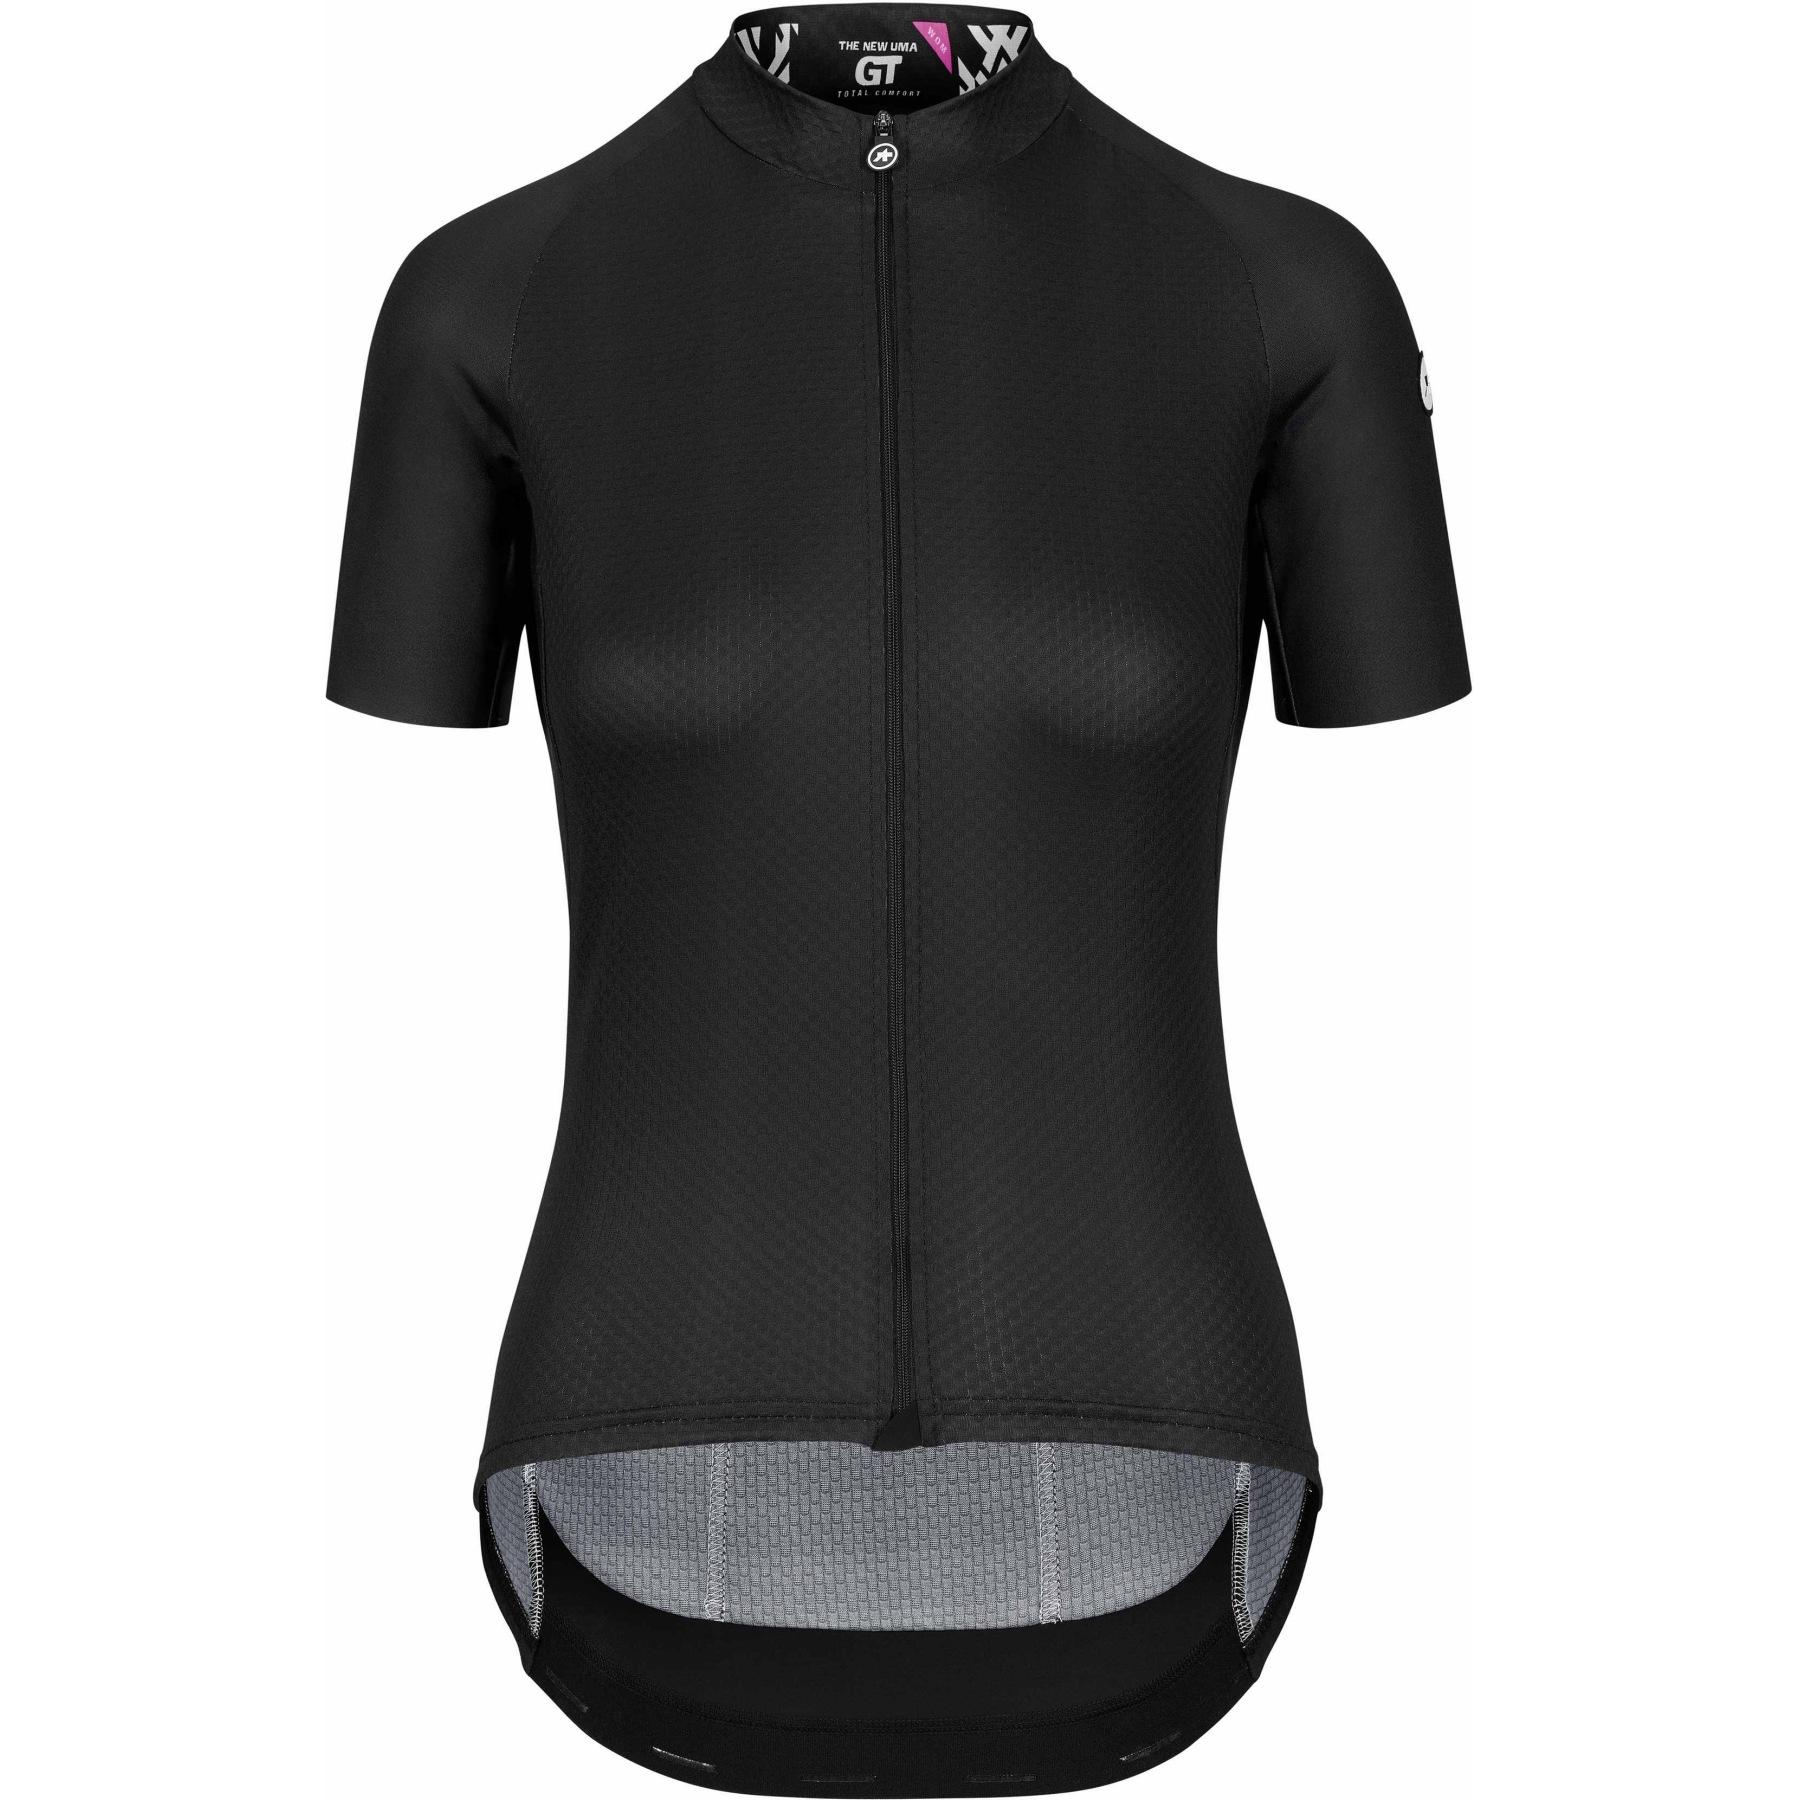 Assos UMA GT Summer Short Sleeve Jersey C2 Women - blackSeries